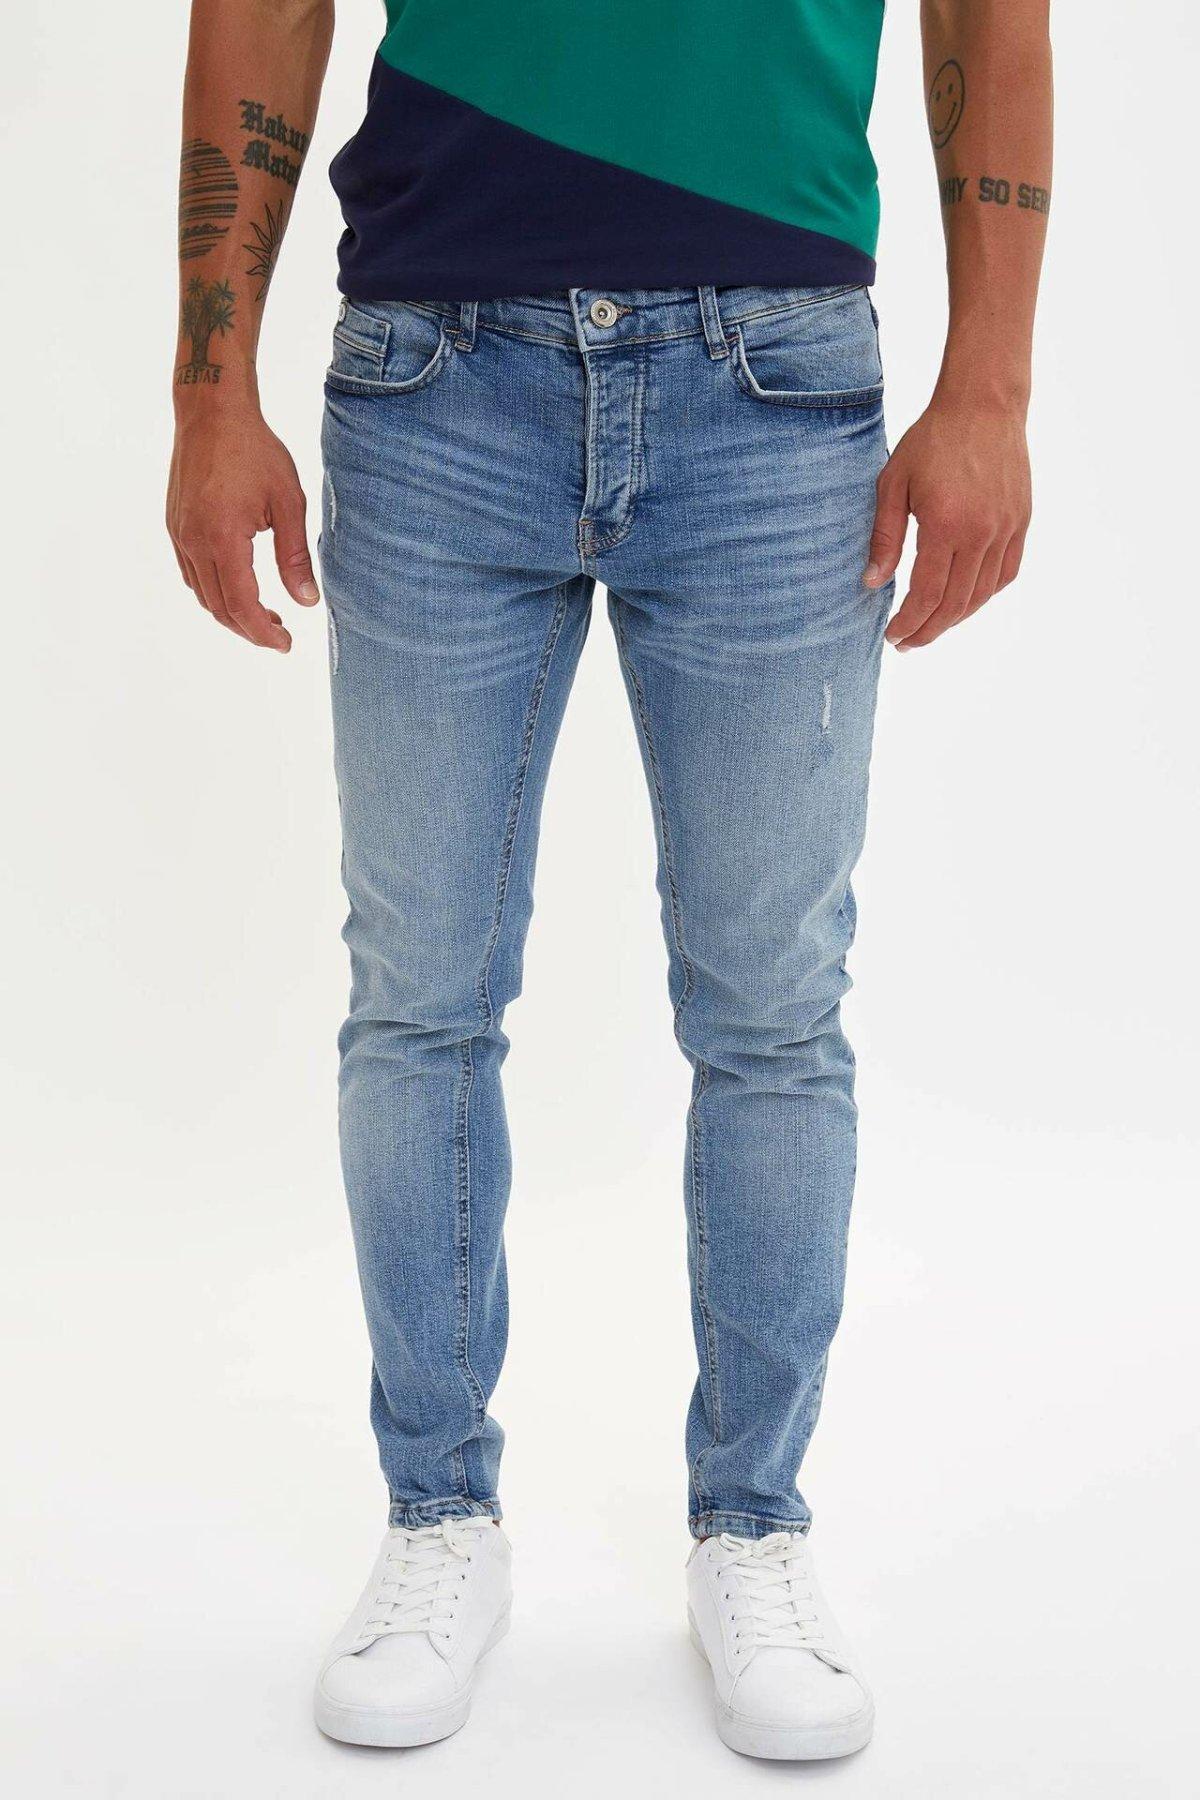 DeFacto Man Fashion Wash Blue Simple Trousers Jeans Casual Classic Denim Jeans Casual Elasticity Pants Male -M1260AZ19AU